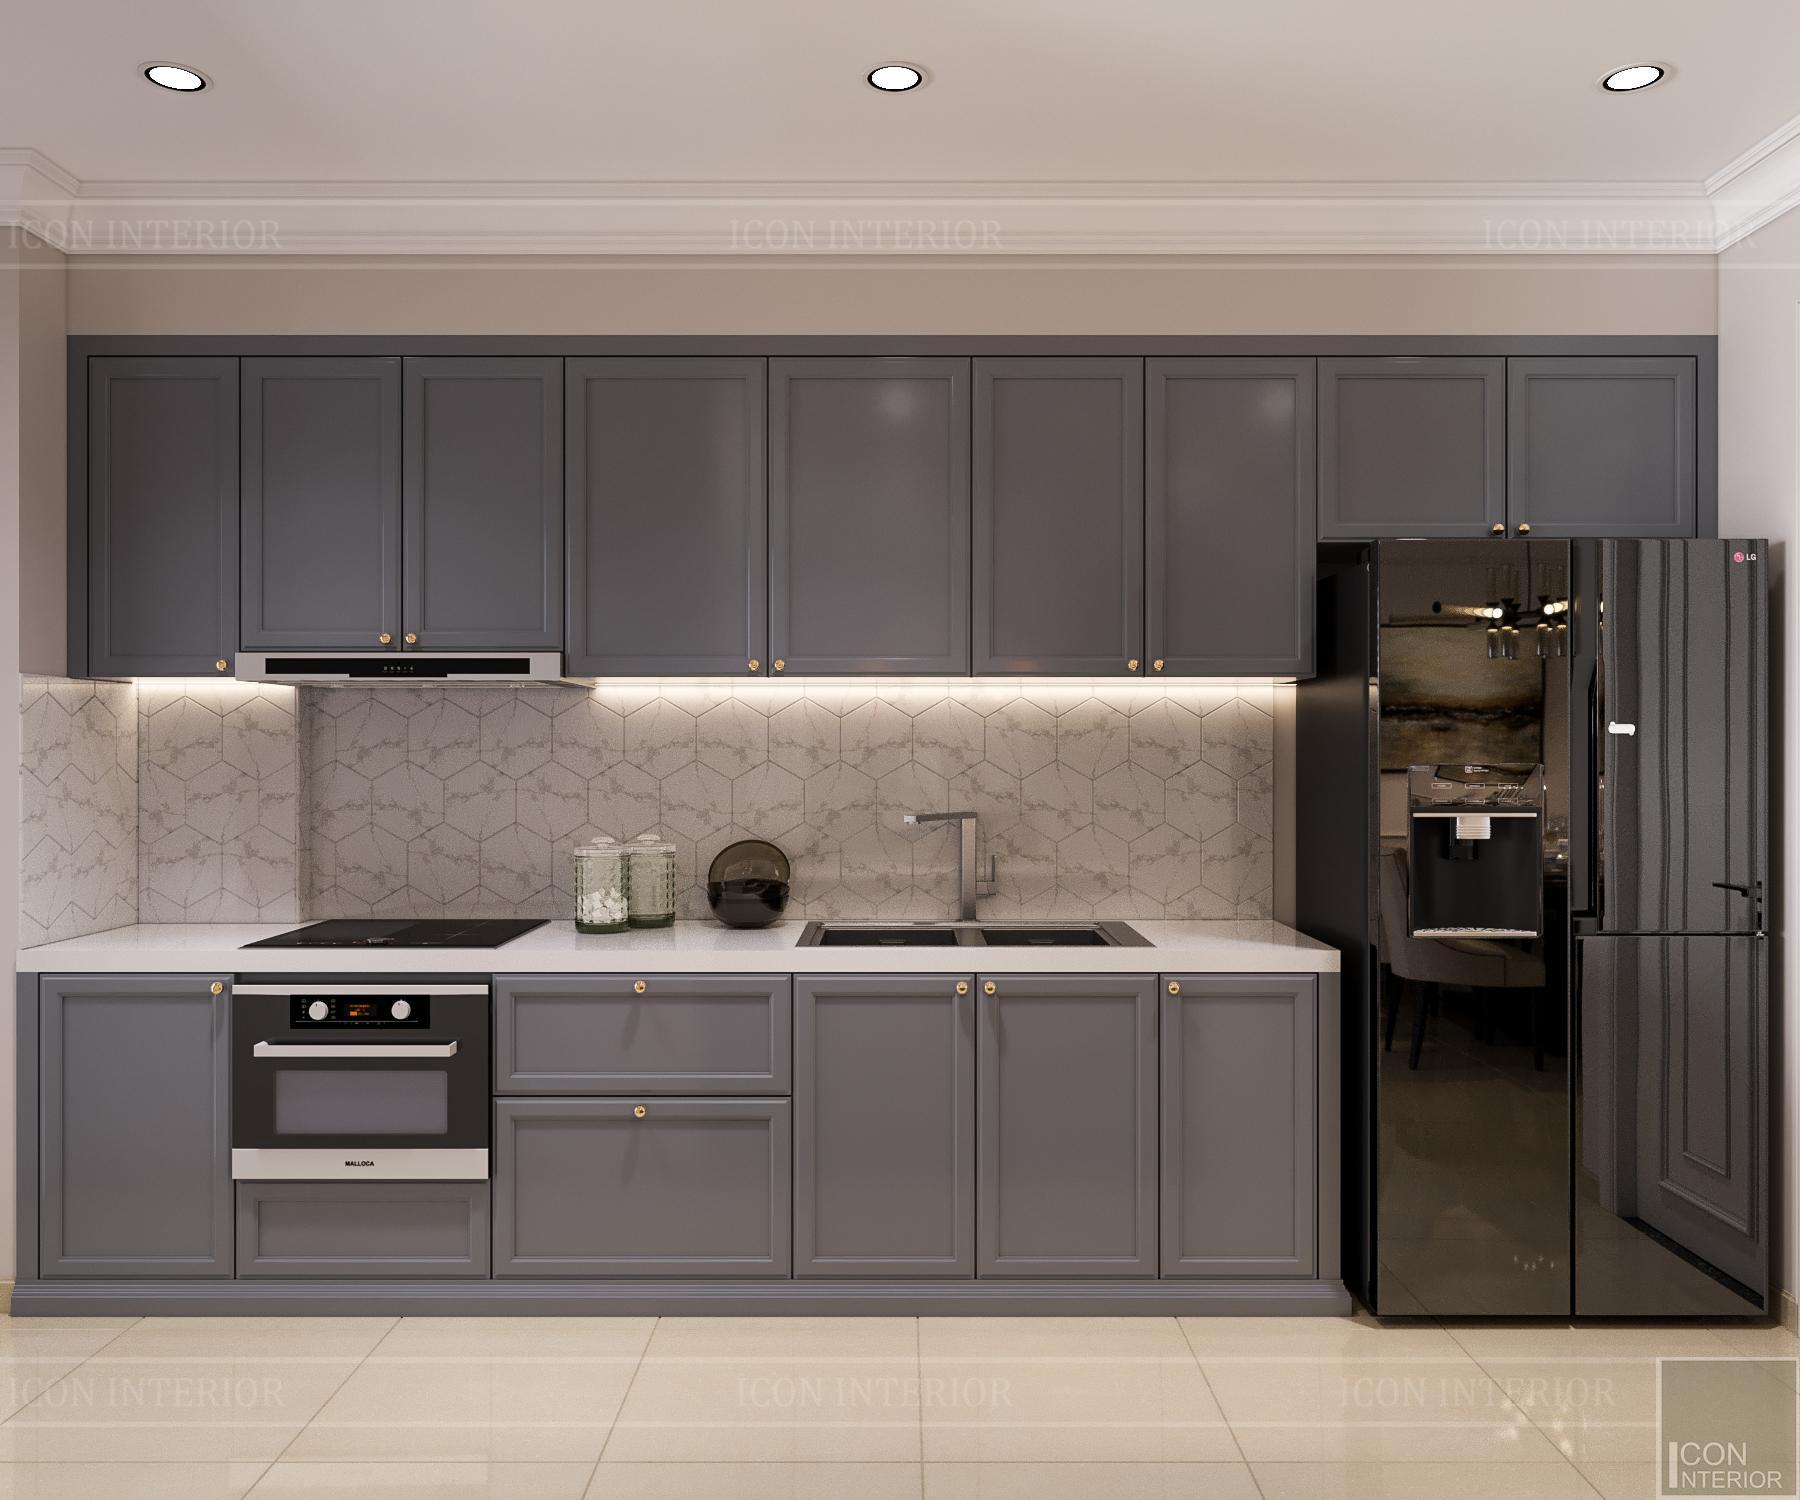 thiết kế nội thất căn hộ golden mansion - nhà bếp